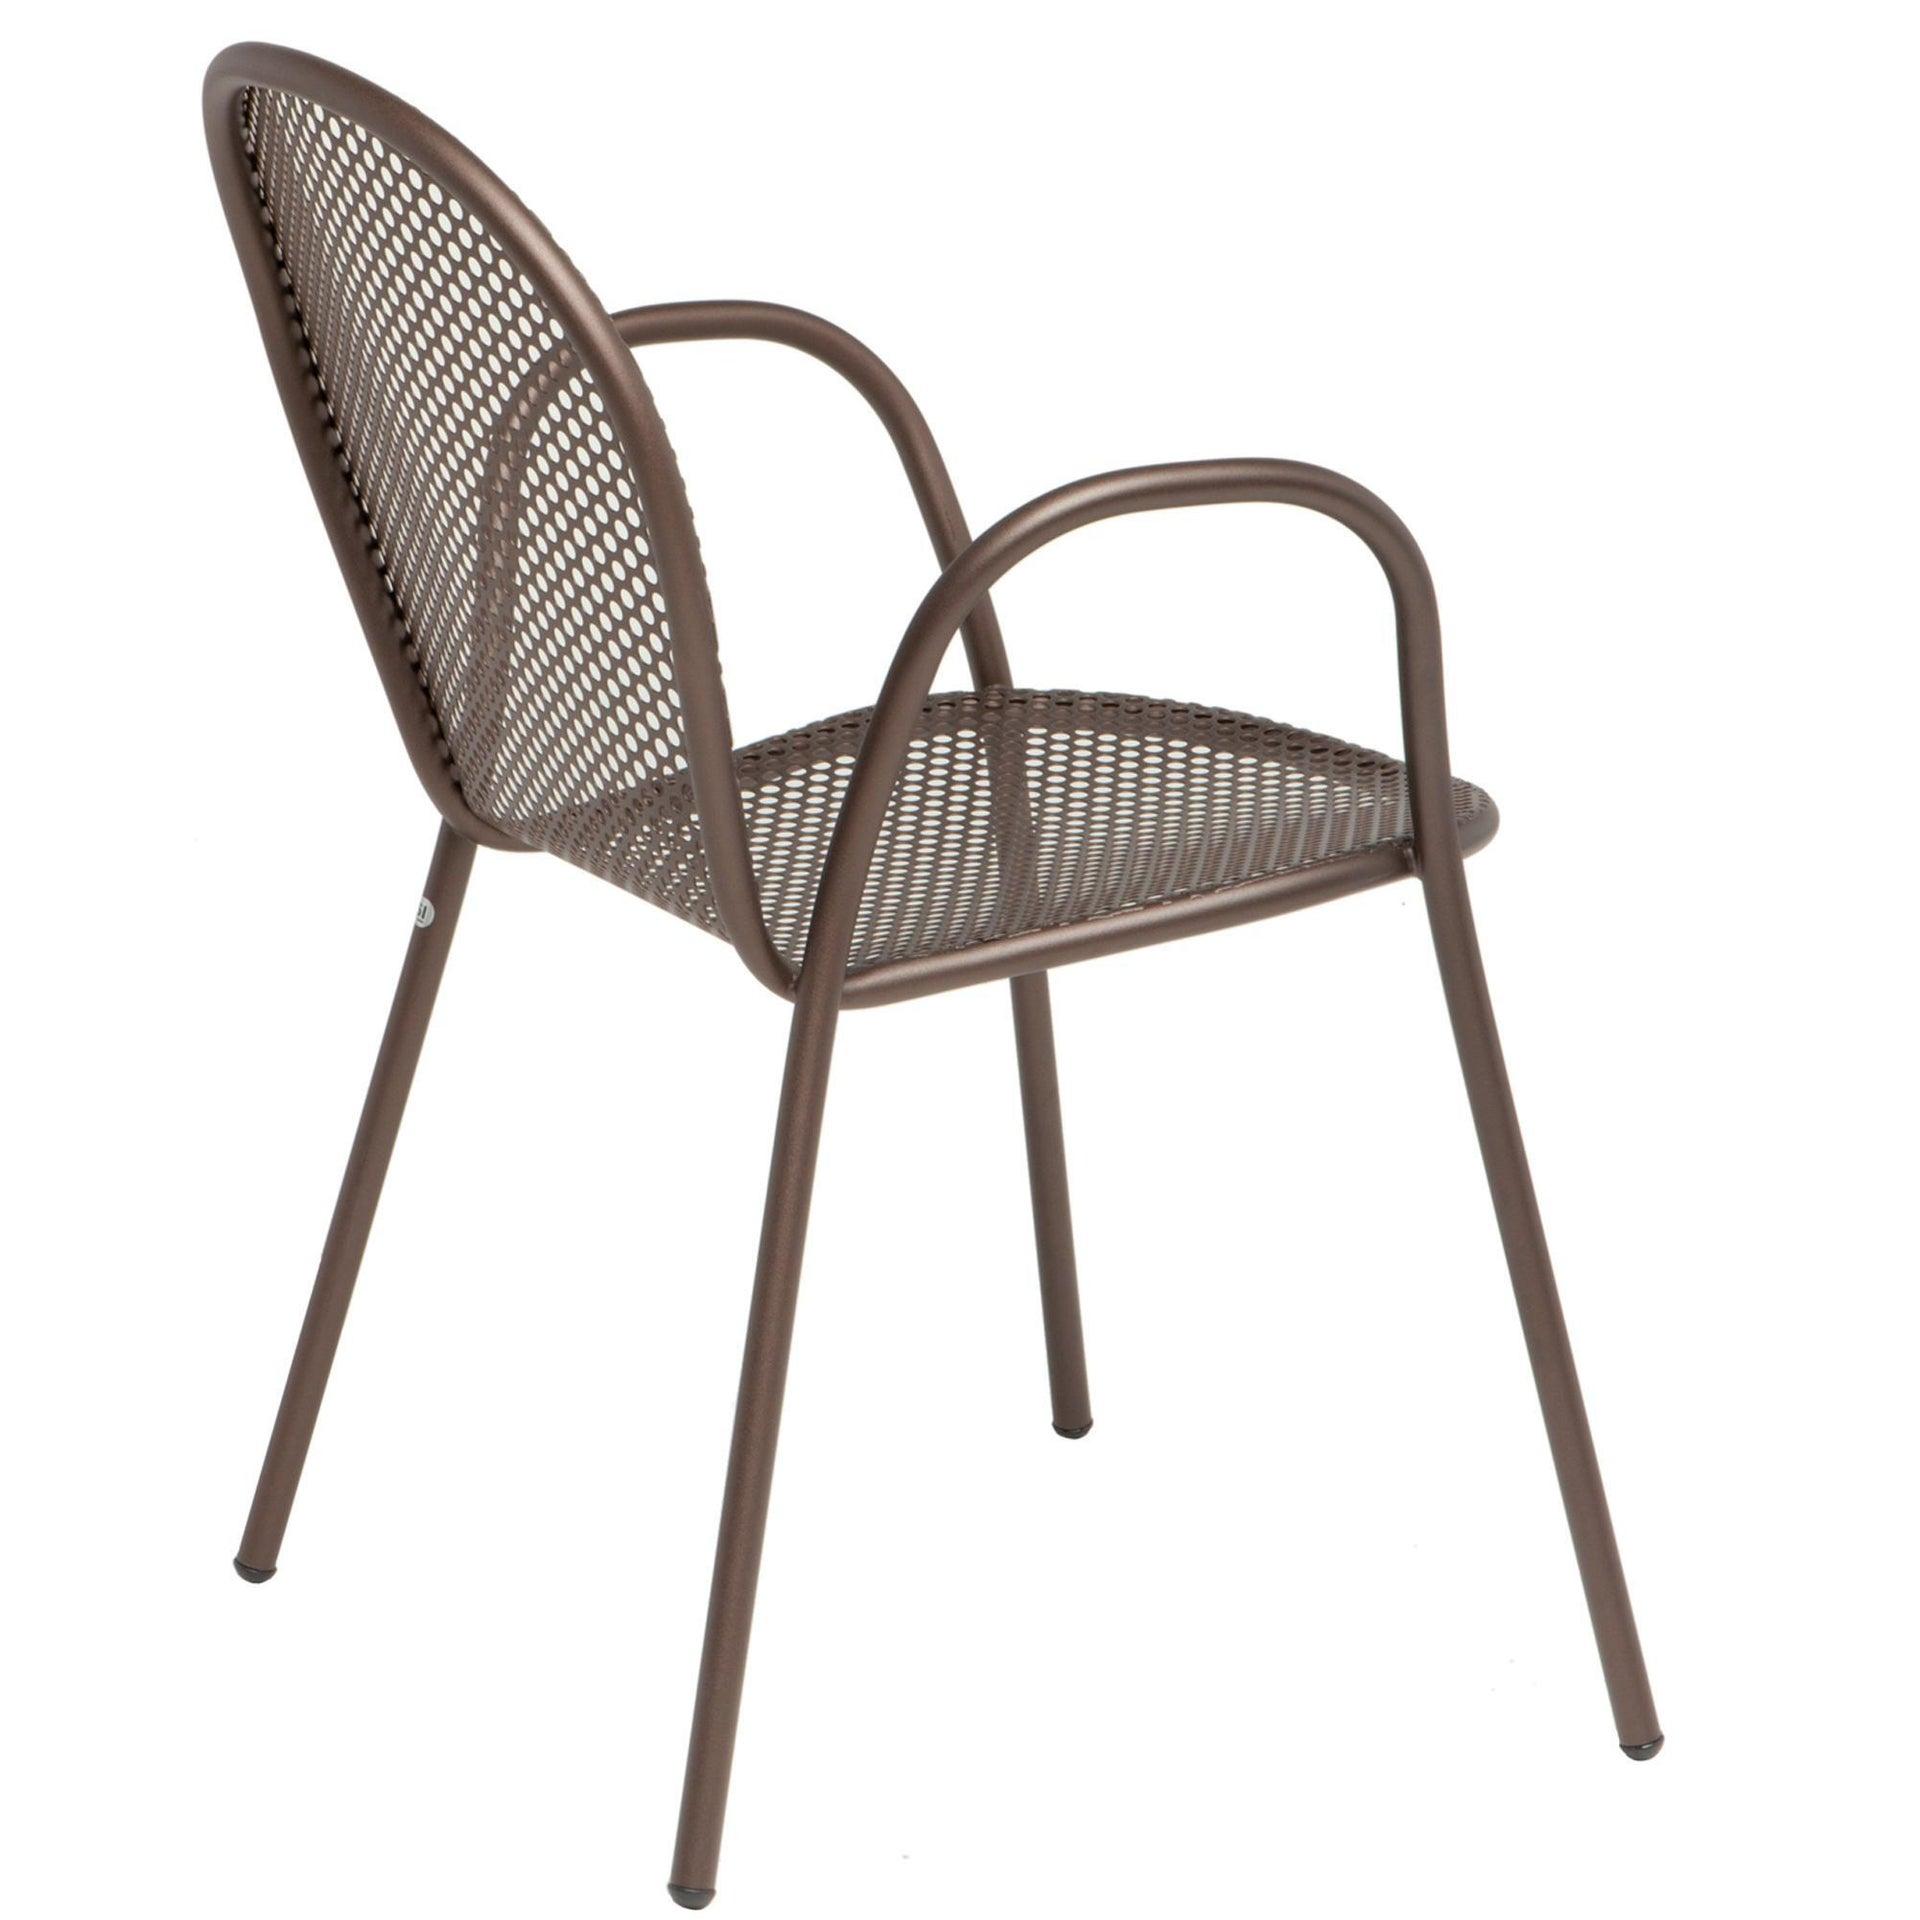 Sedia con braccioli senza cuscino Pavesino OASI BY EMU colore avana - 5